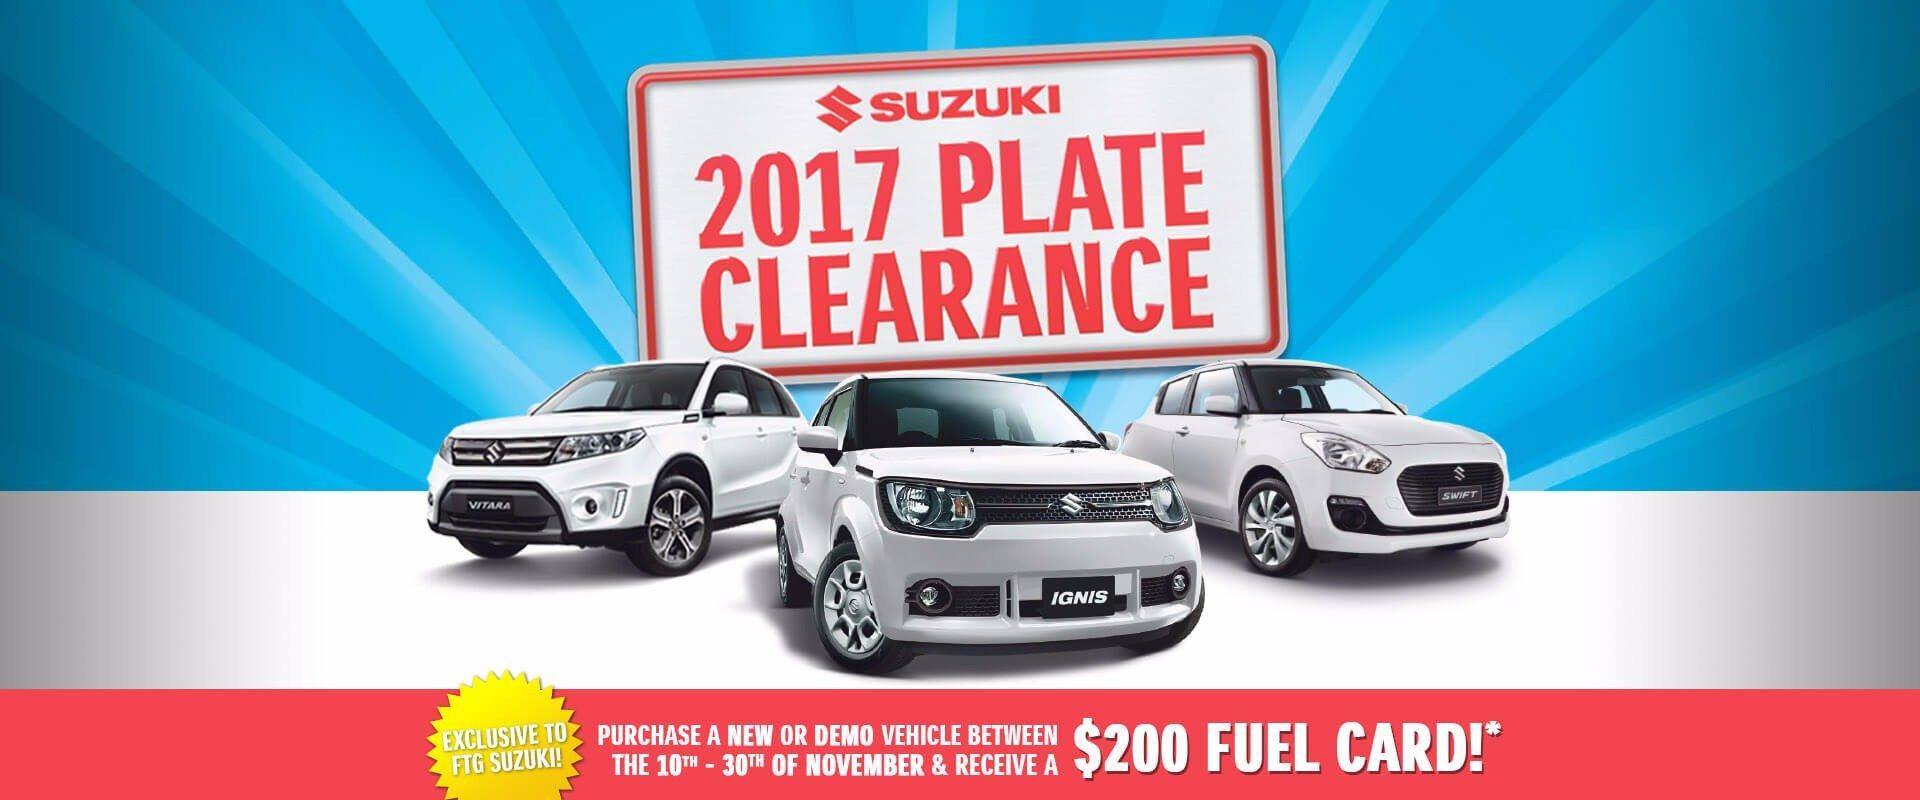 ferntree-gully-suzuki- $200 fuel card